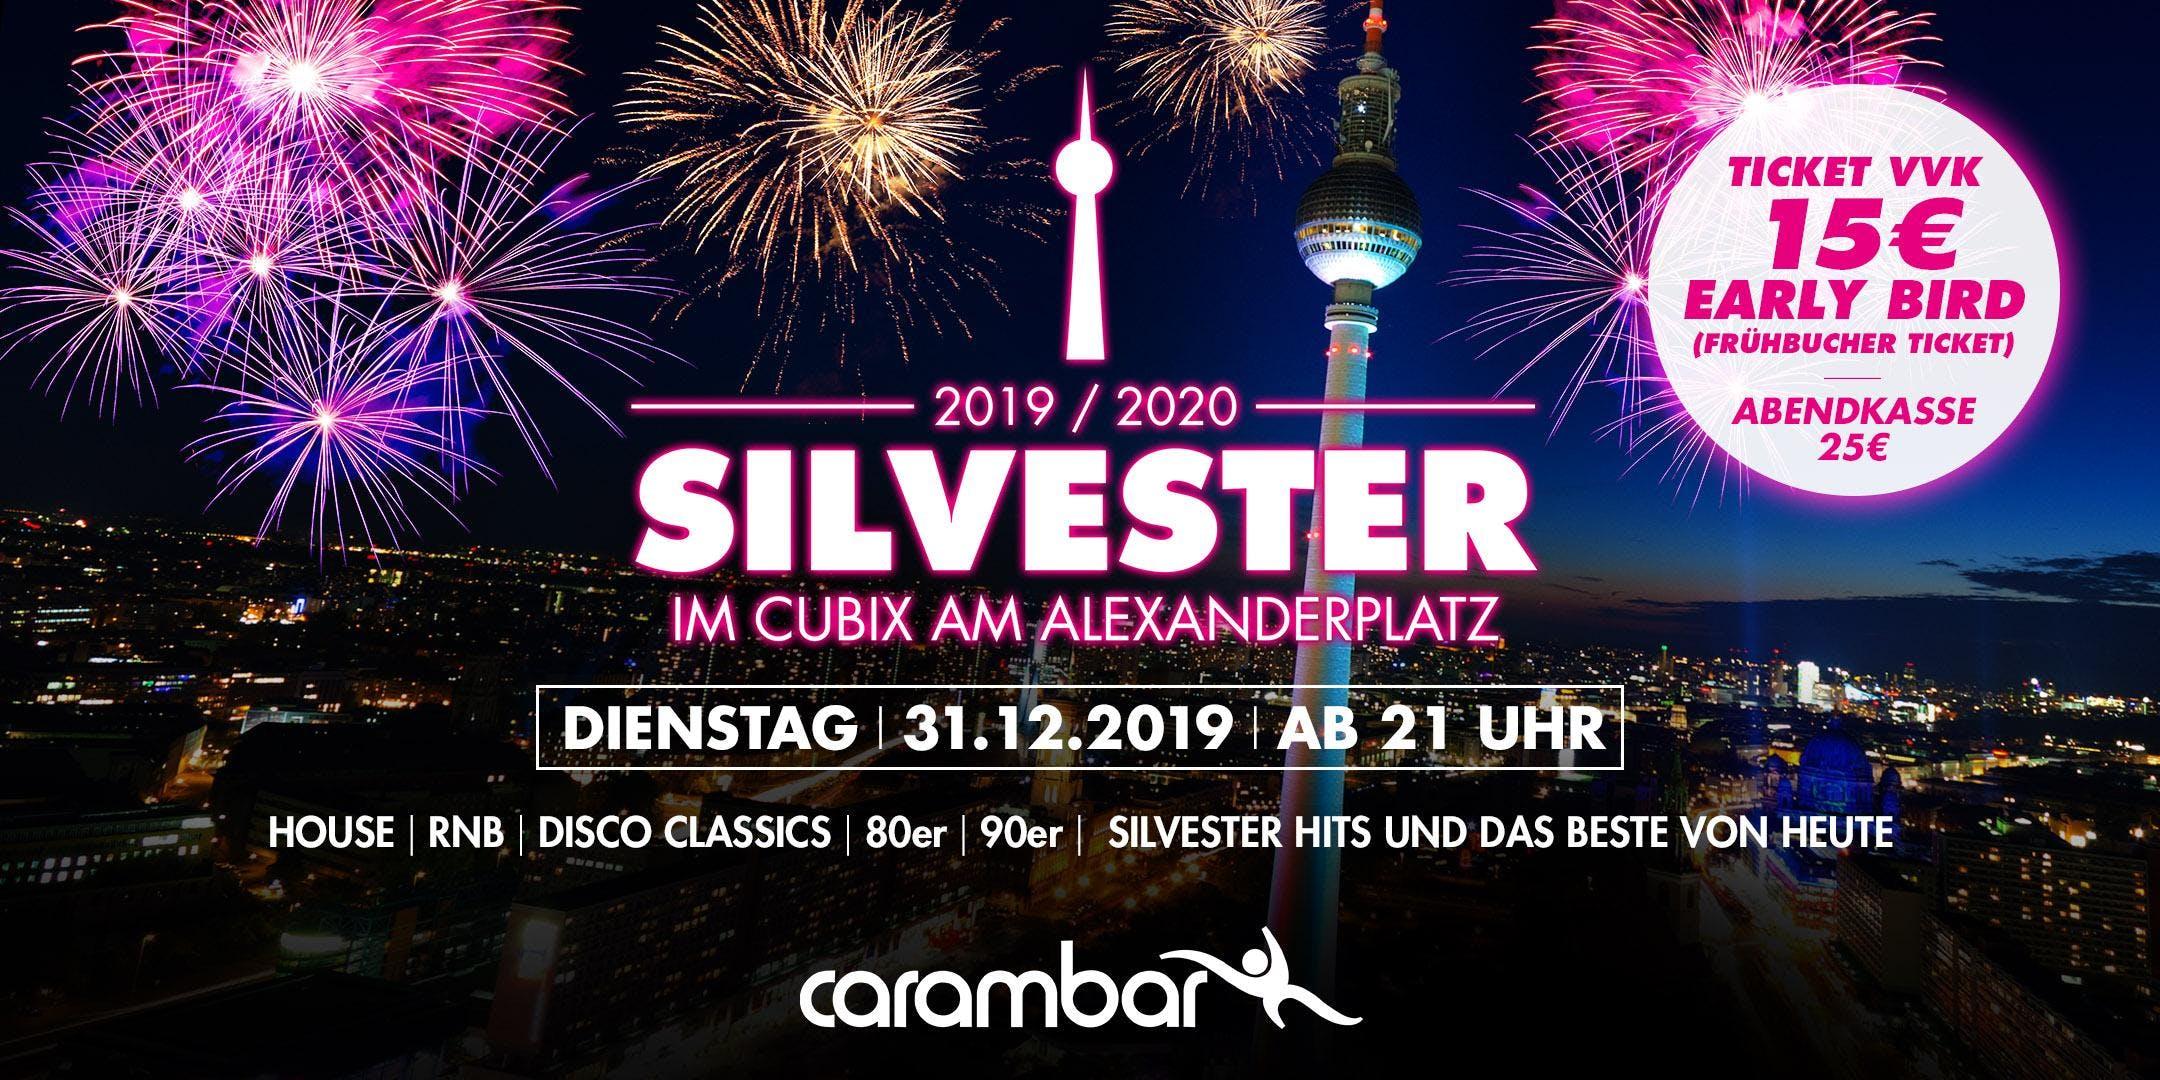 Silvester im Cubix am Alexanderplatz Berlin 20192020